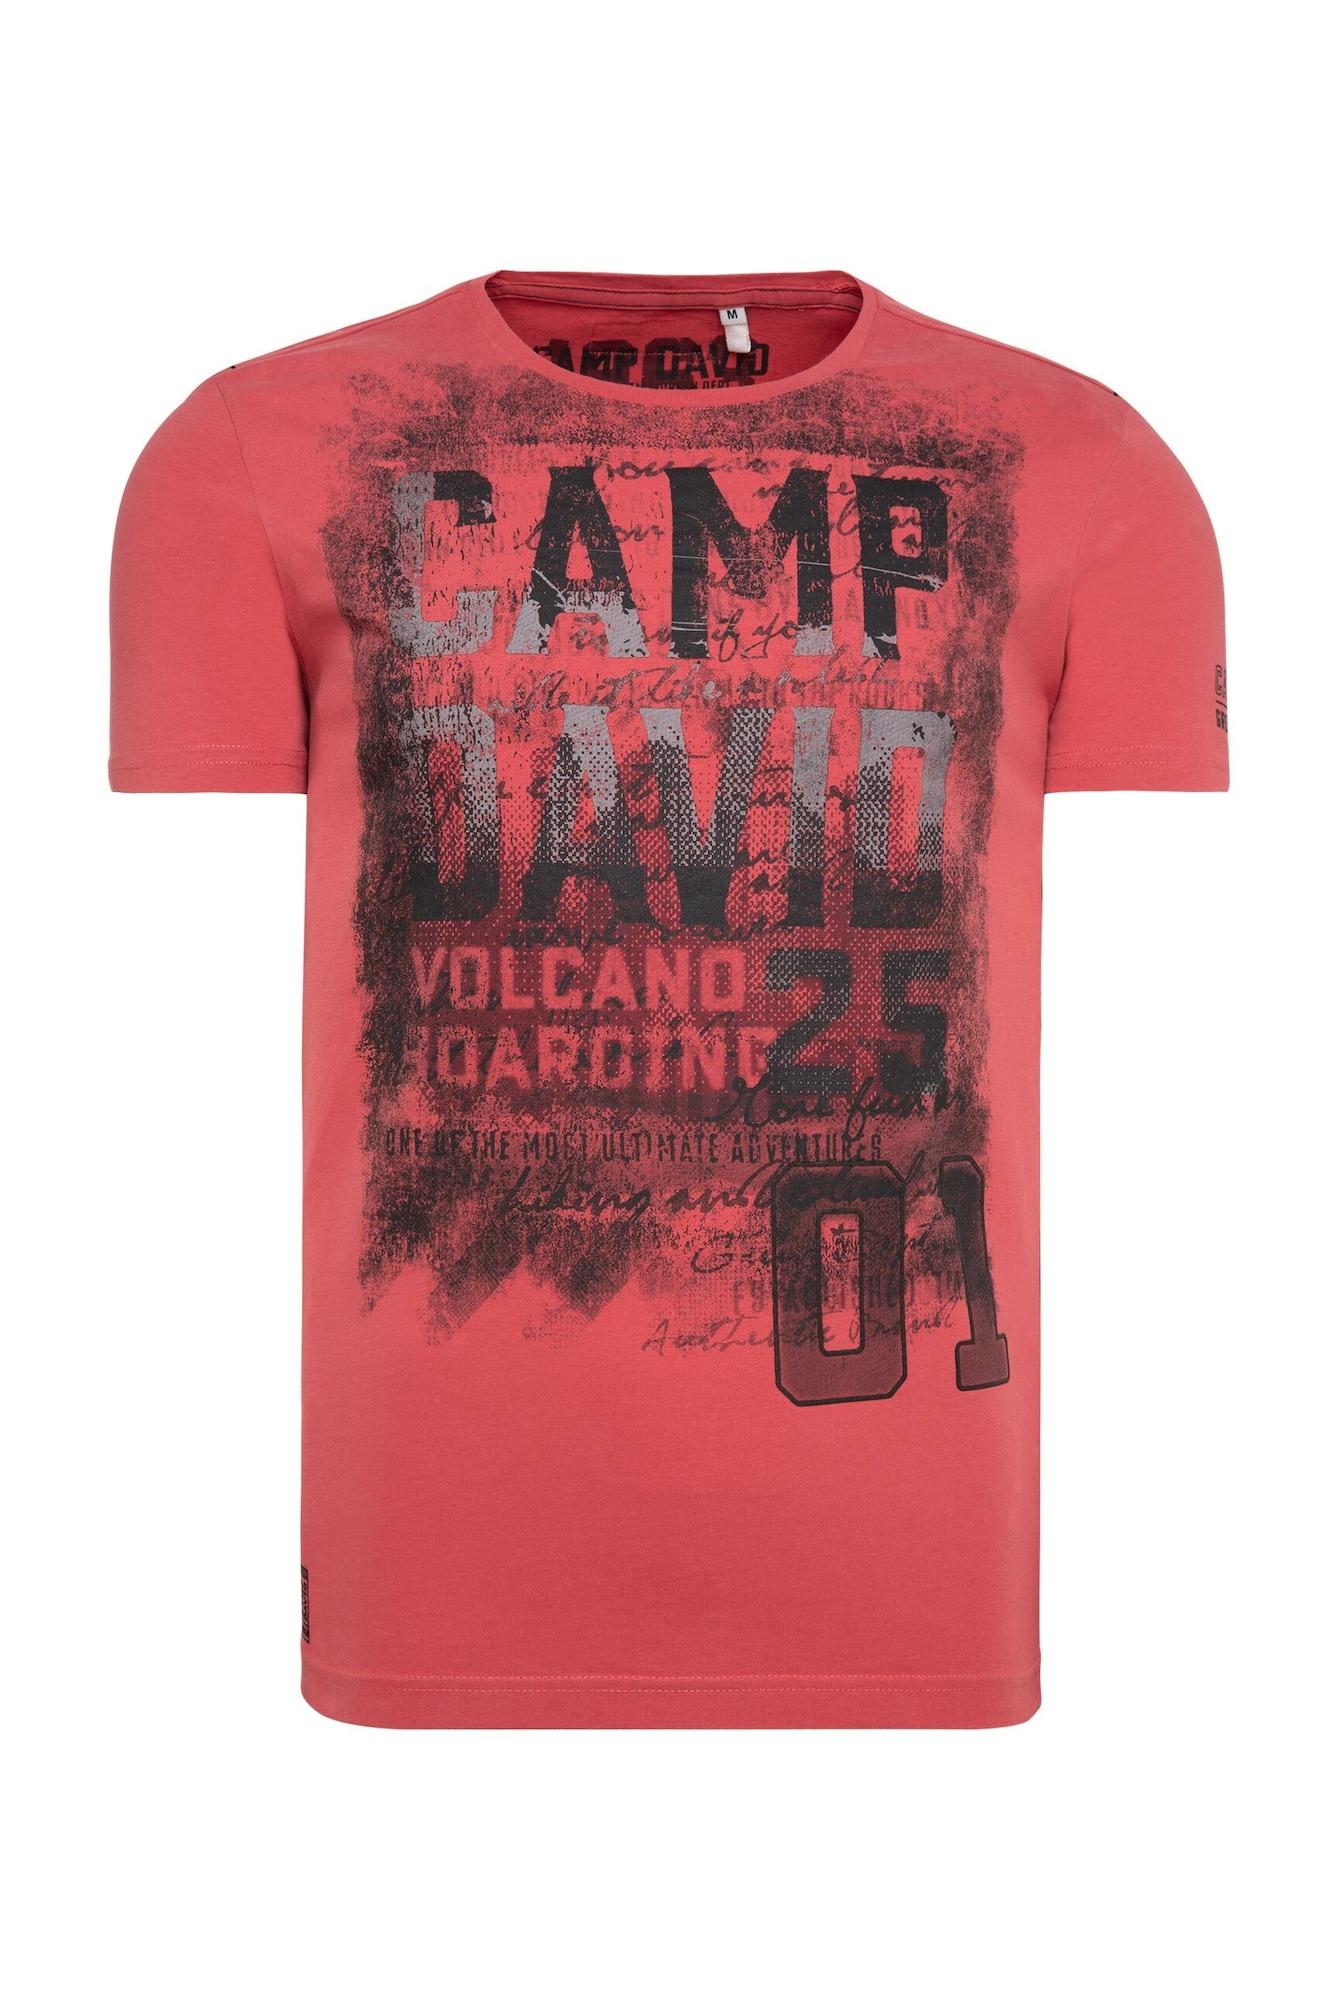 CAMP DAVID Marškinėliai pastelinė raudona / juoda